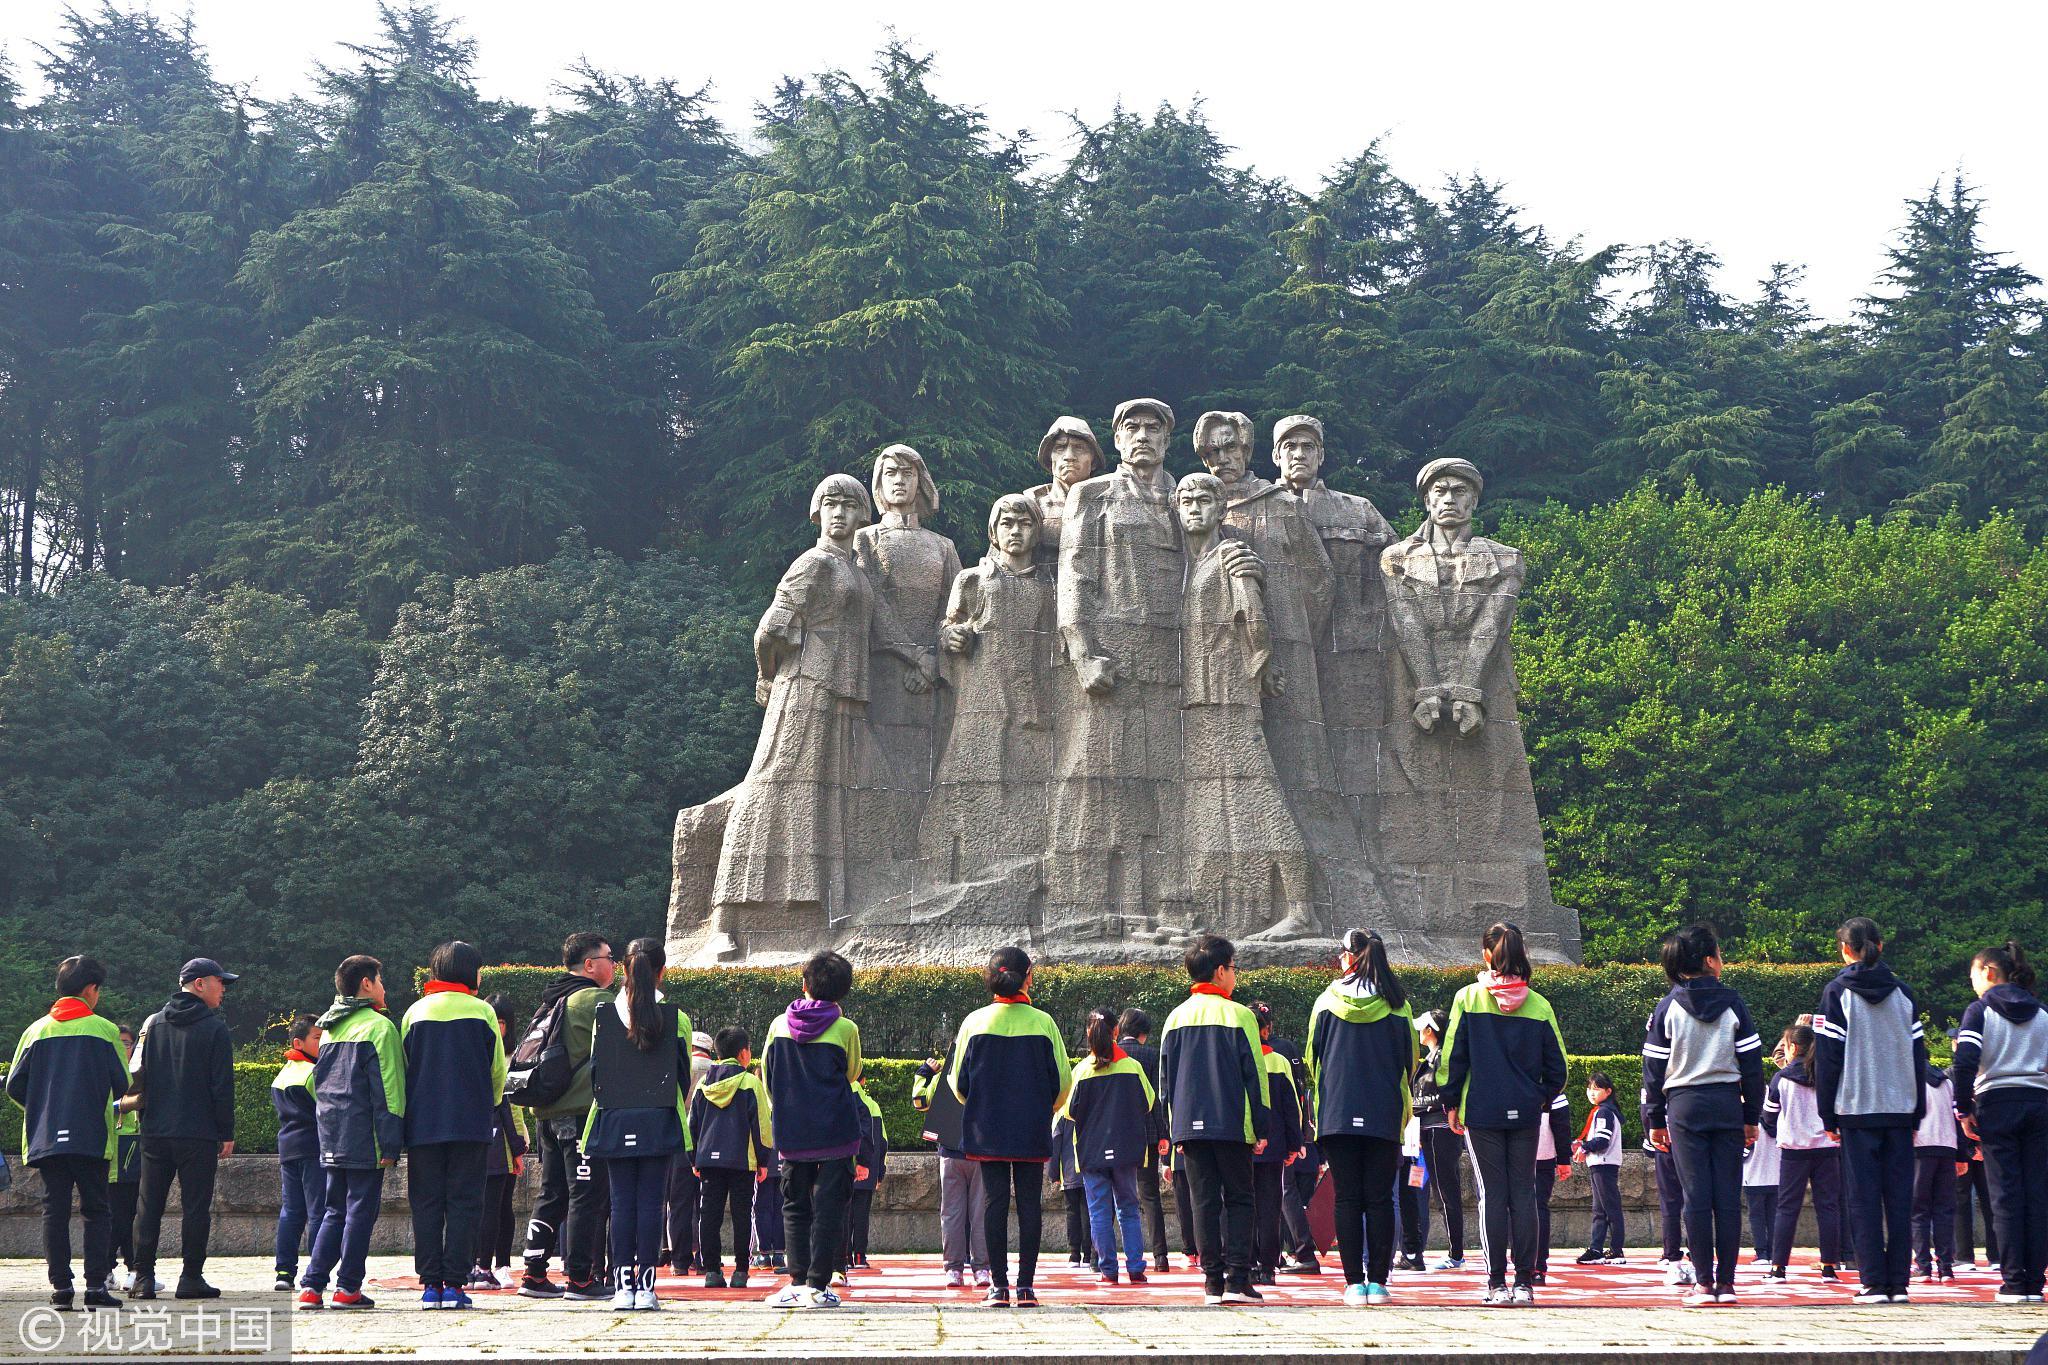 """清明小长假的江苏旅游市场:优化旅游供给 做强""""假日经济"""""""